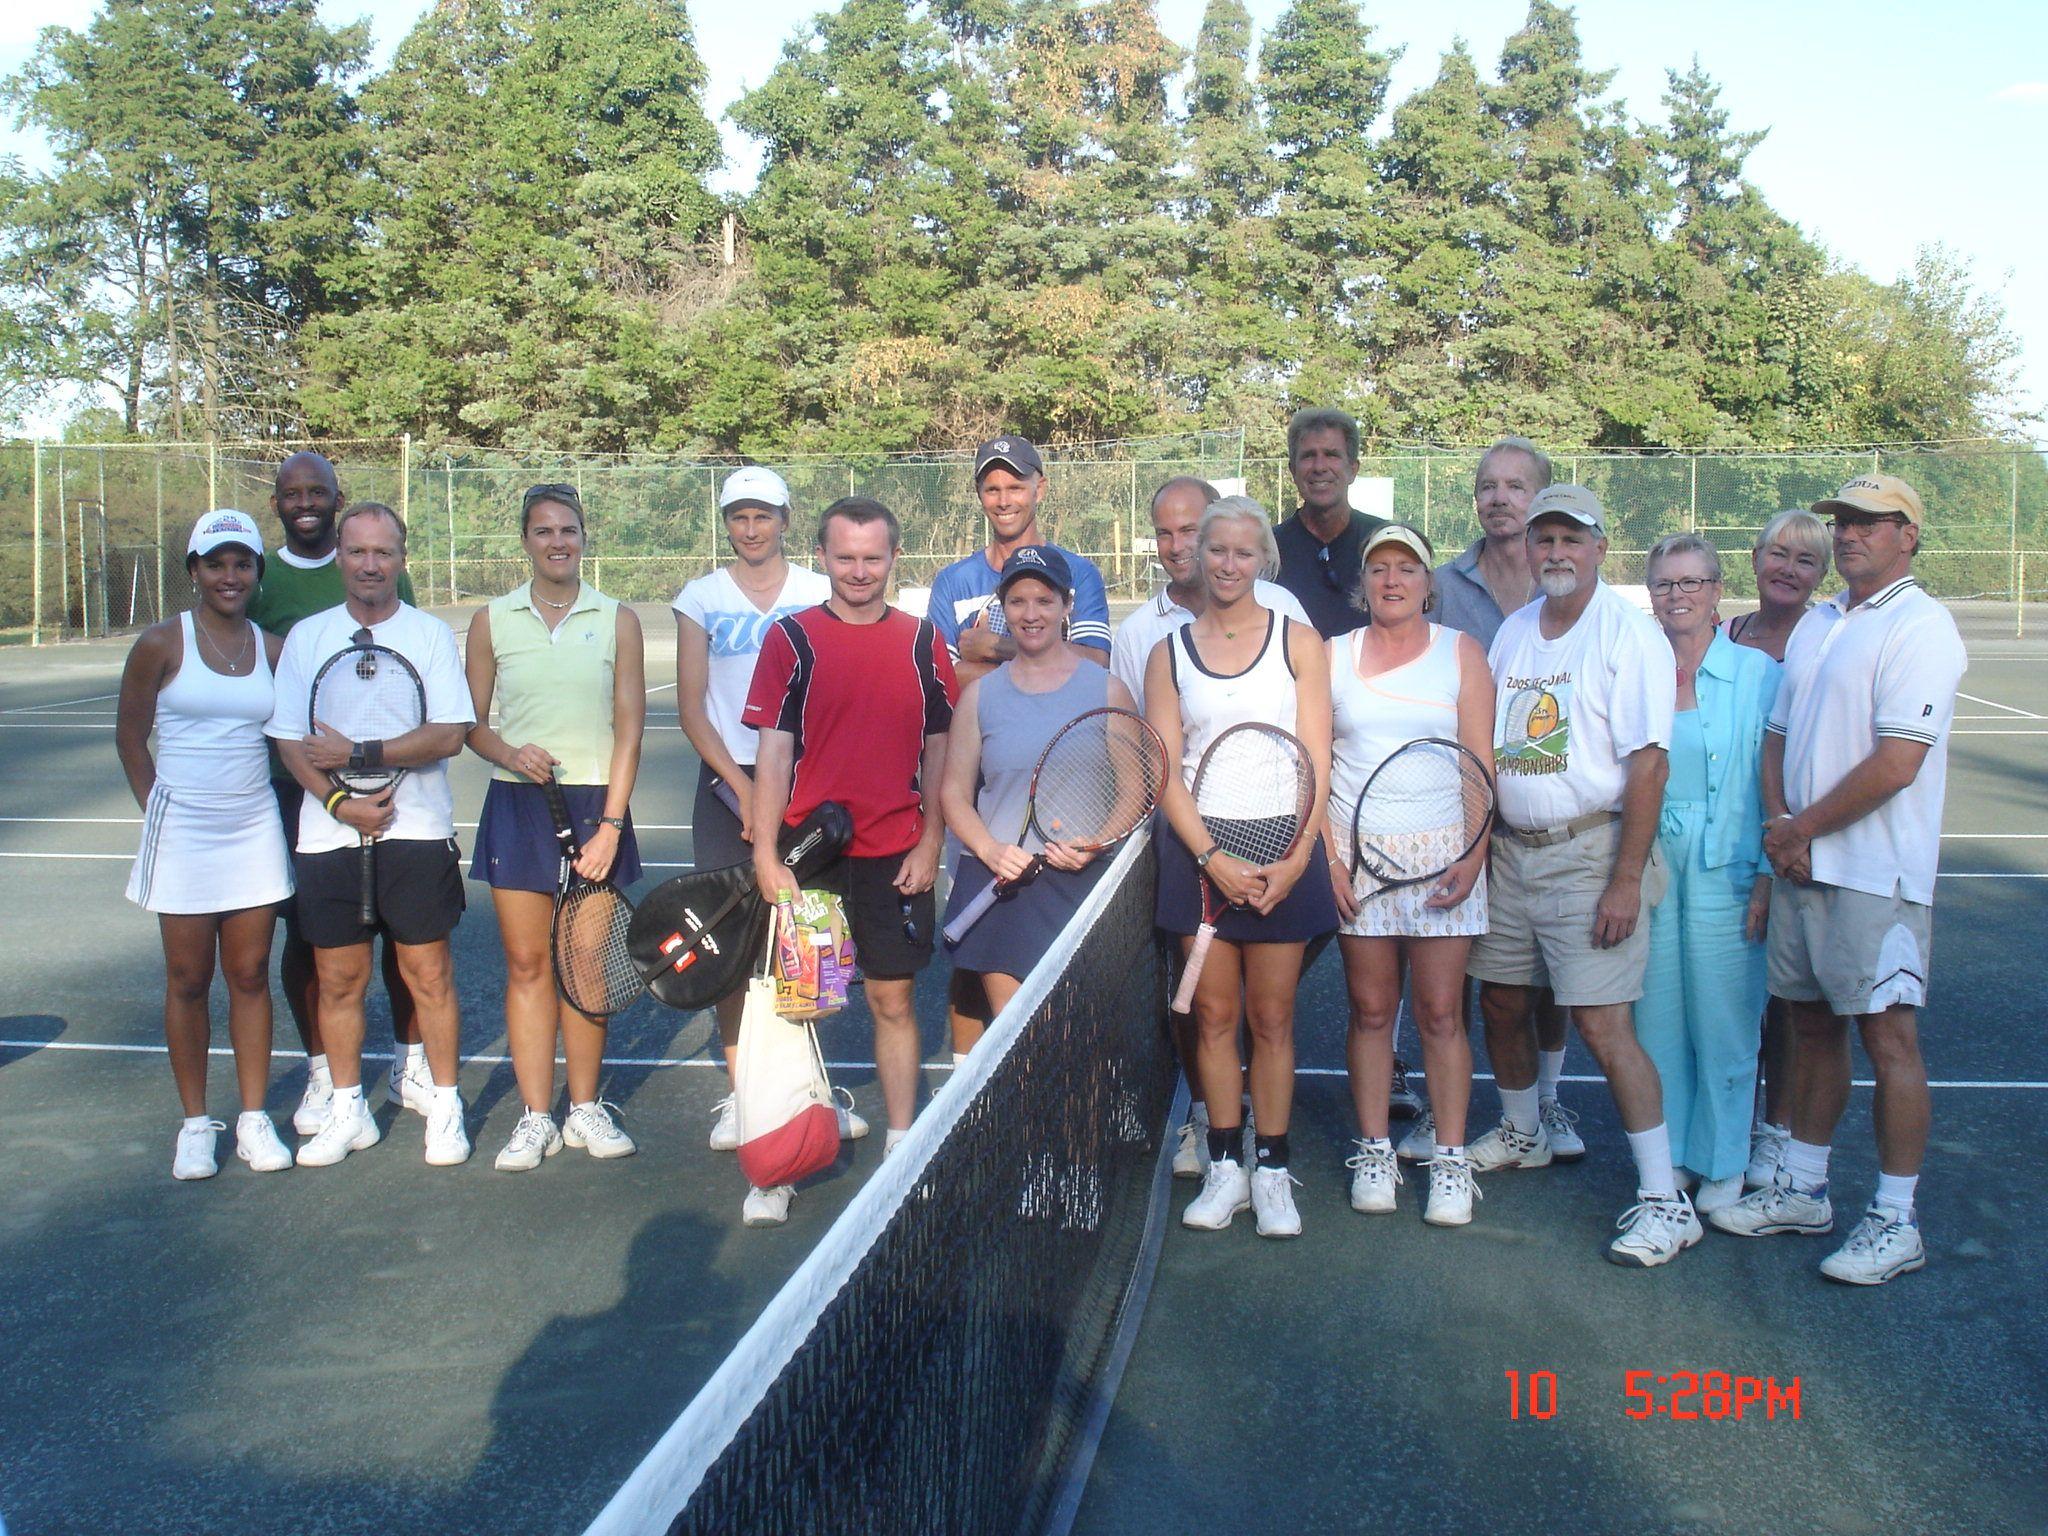 Tour de Courts